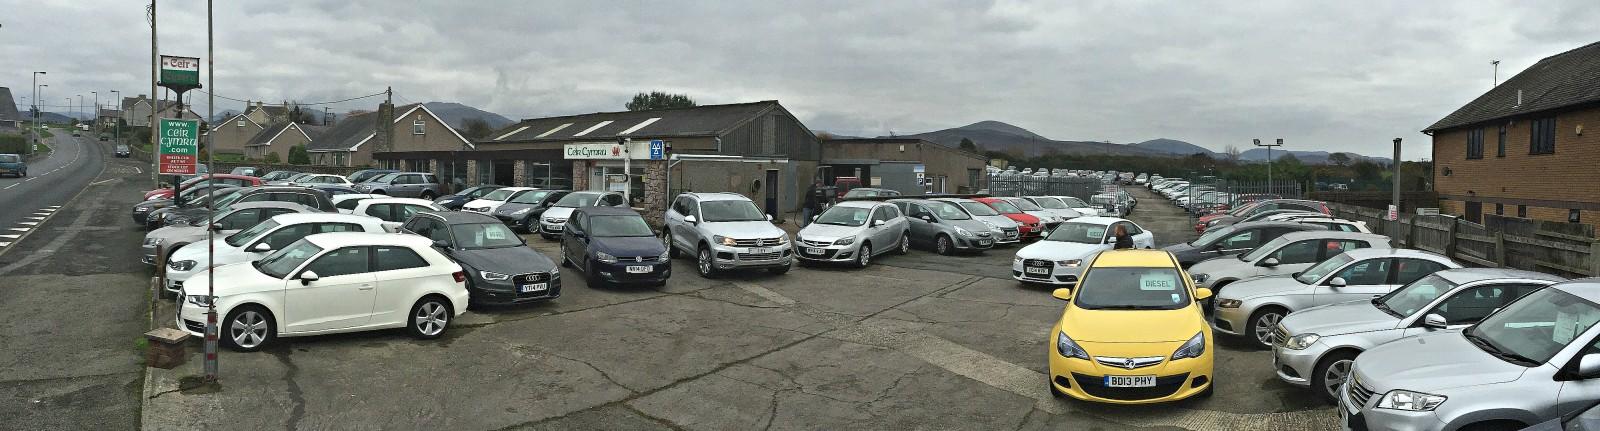 ffrynt garage2